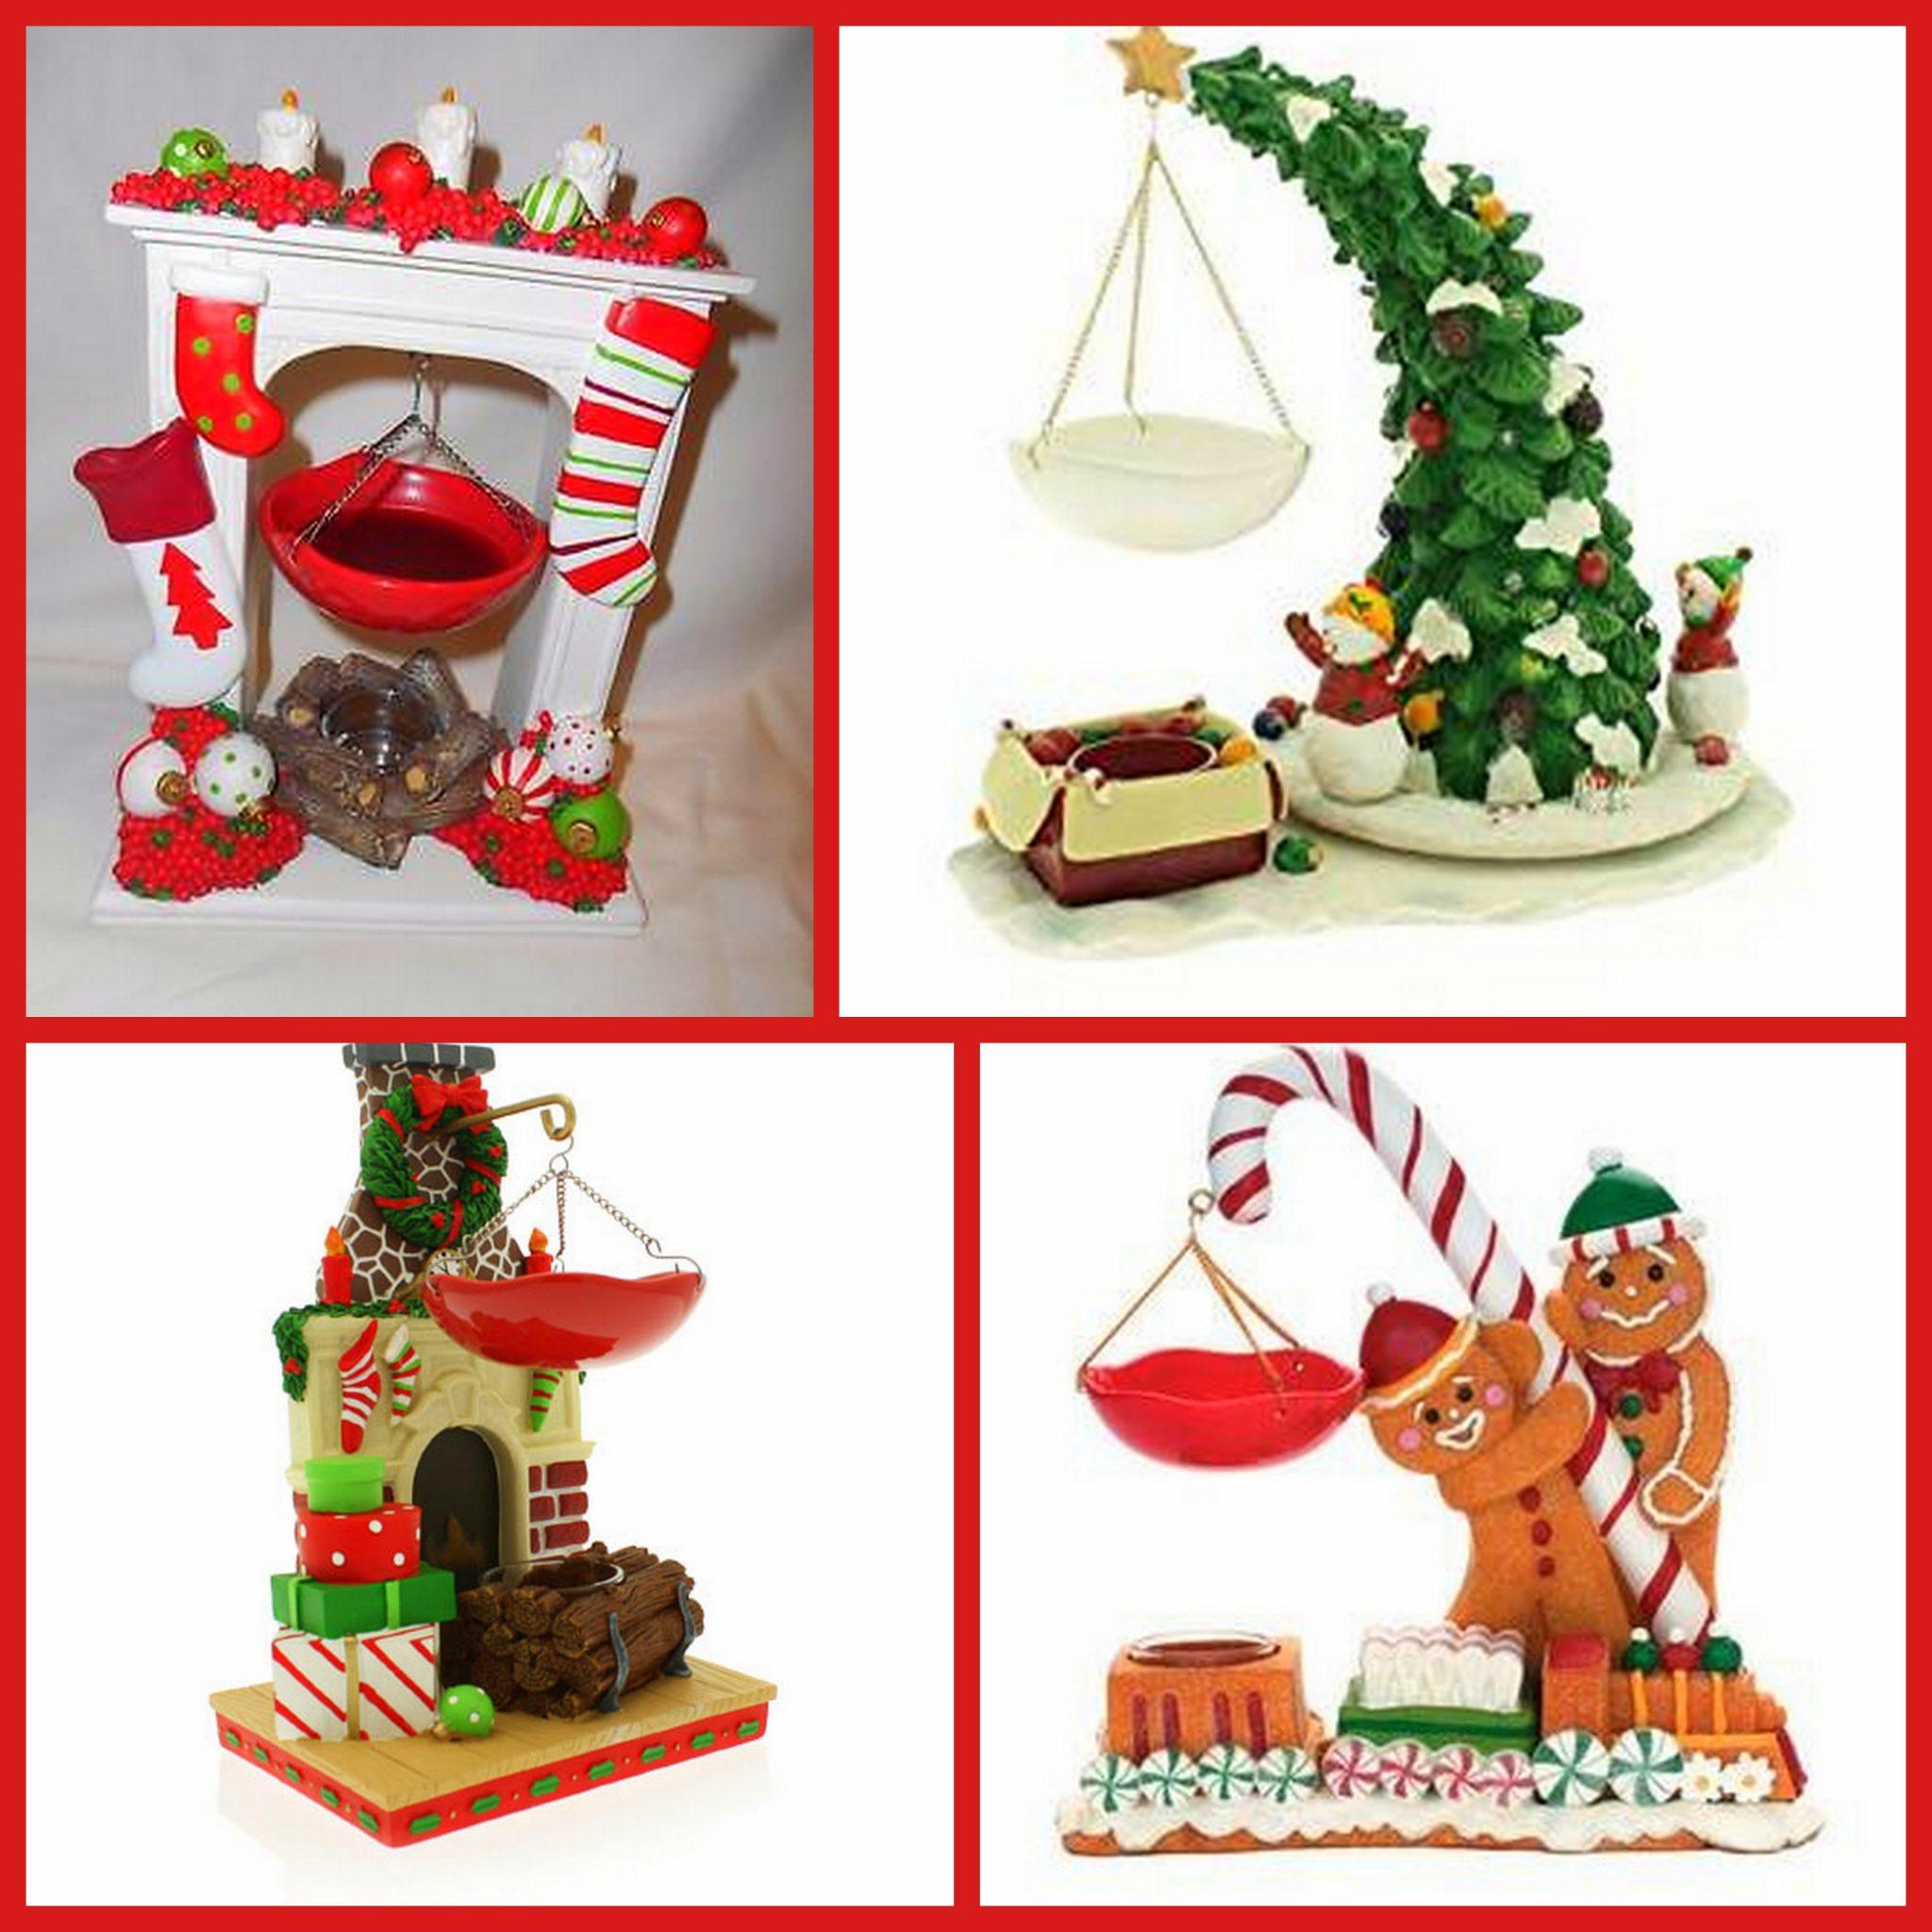 Lidl Calendario Avvento.Calendario Dell Avvento 2017 Fun Food